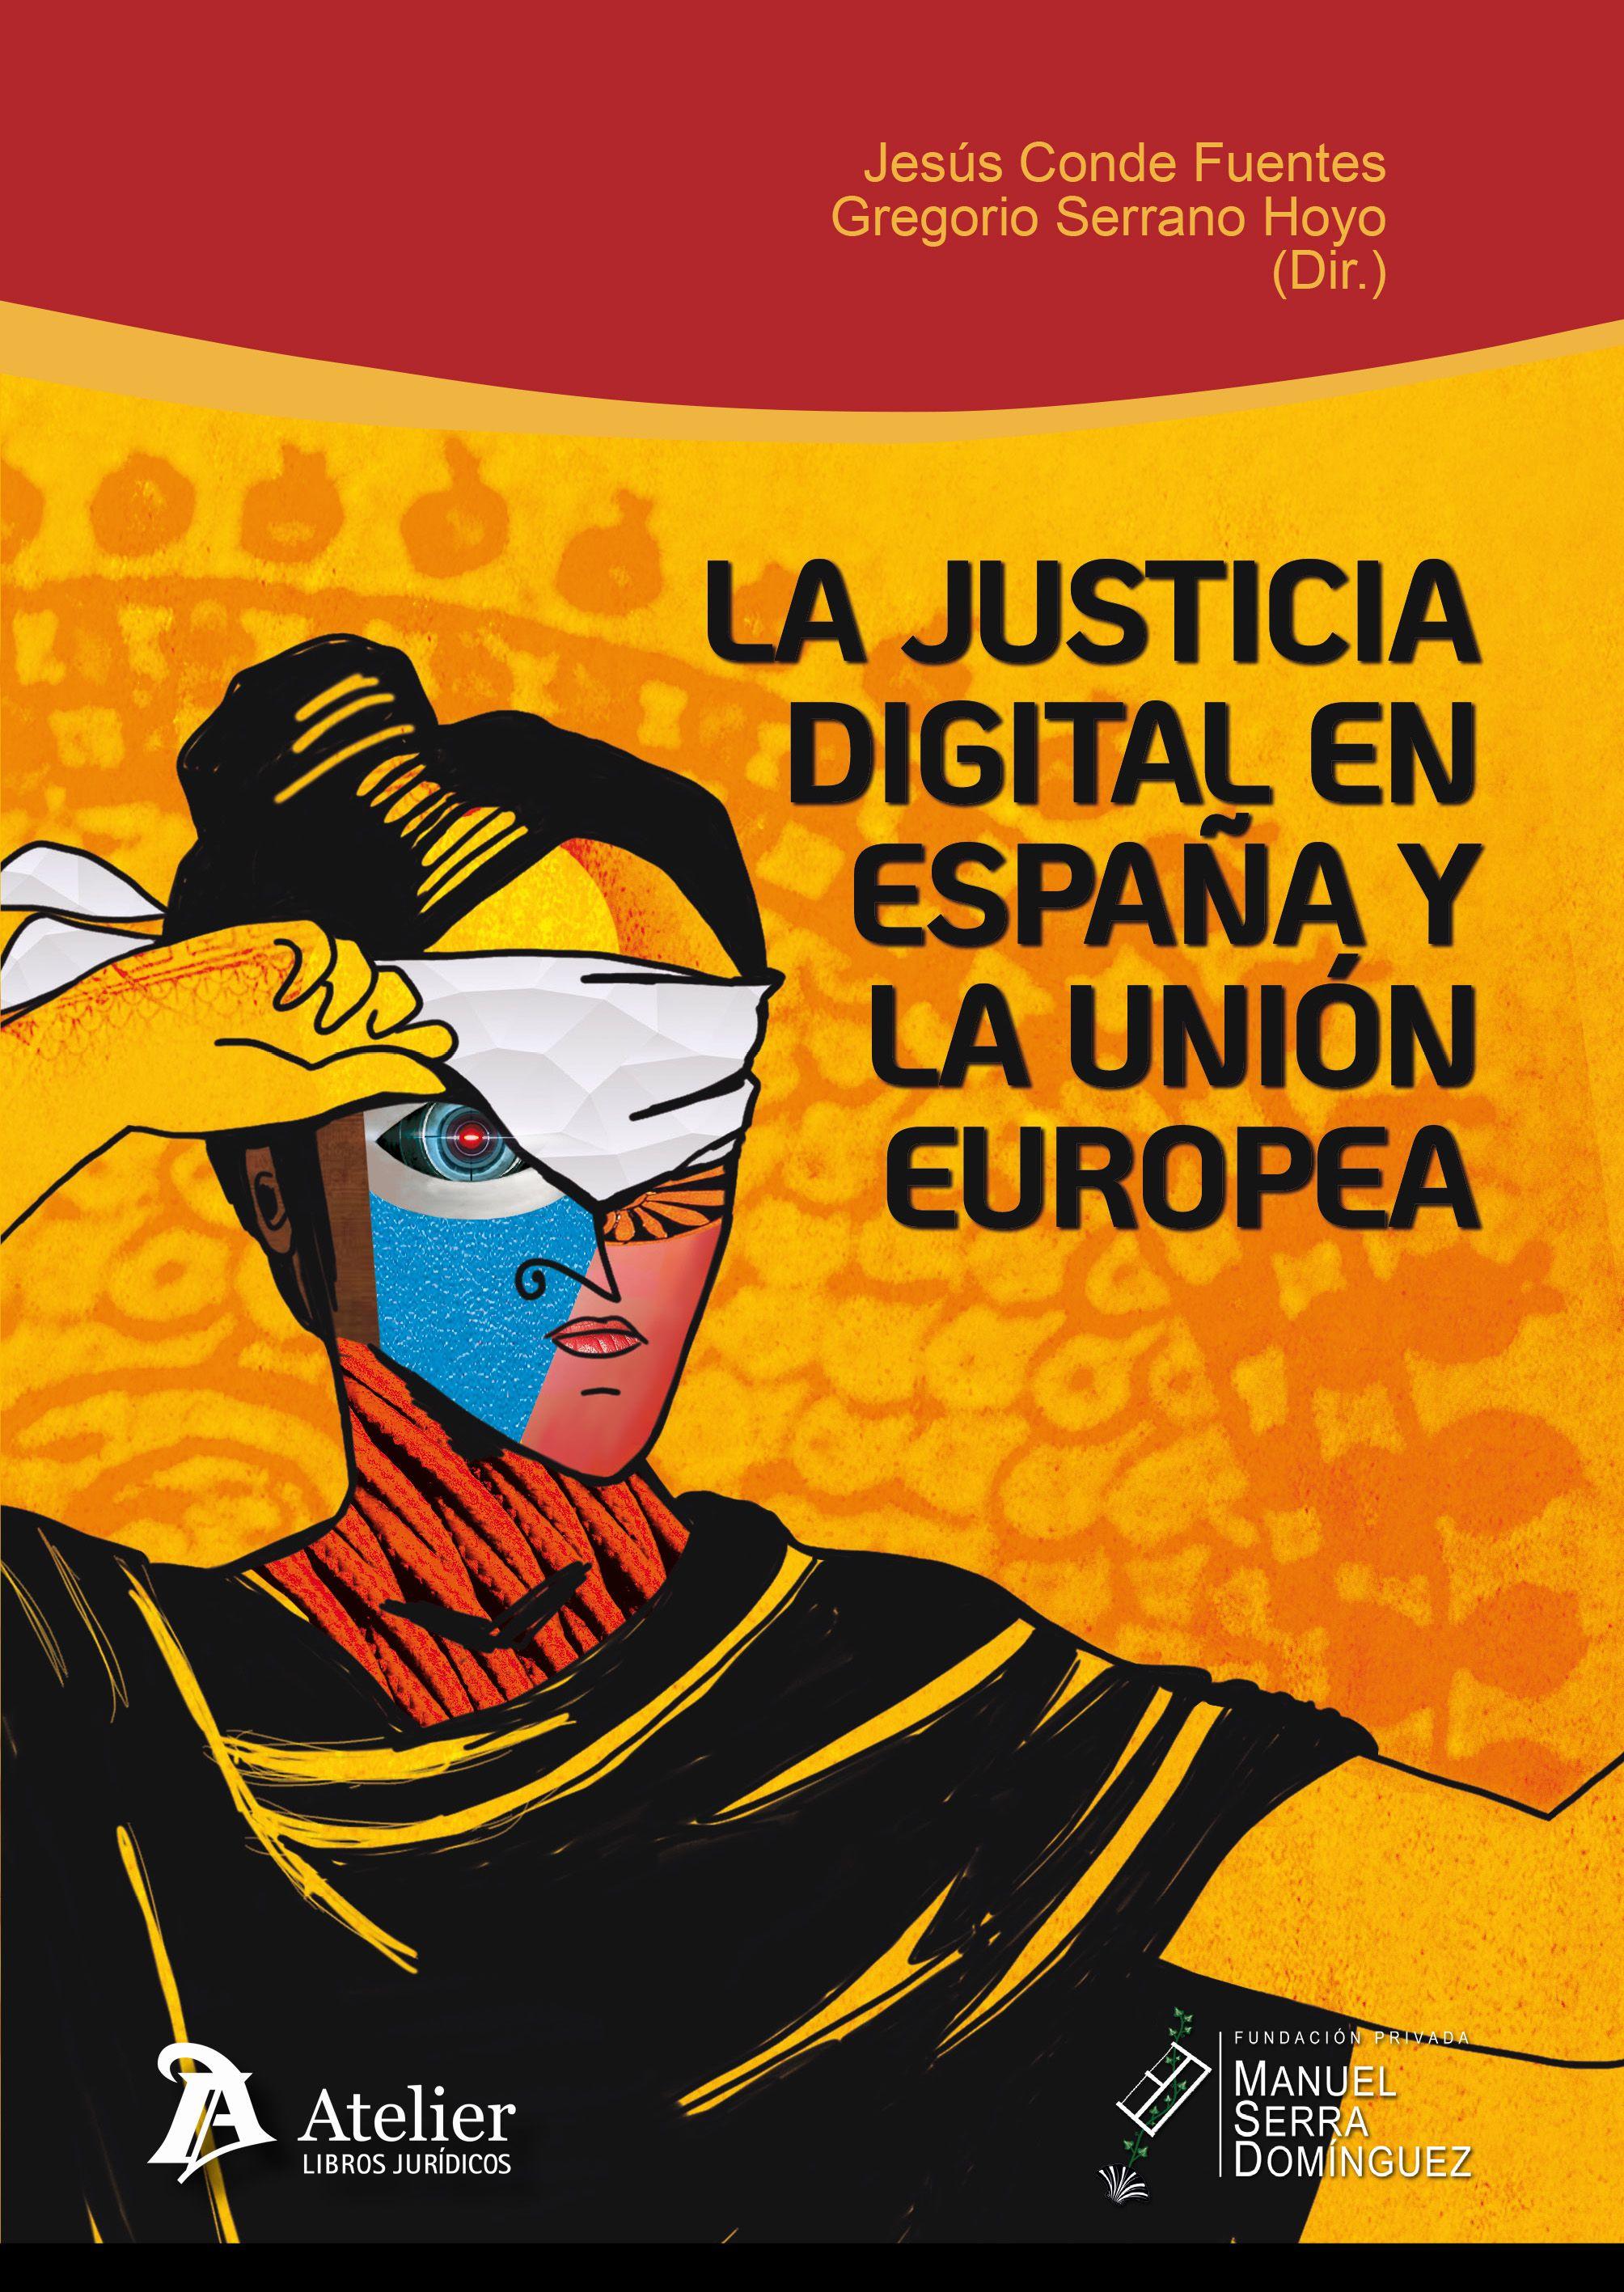 Conde Fuentes J Serrano Hoyo G Dirs La Justicia Digital En España Y La Unión Europea Situación Actual Y Perspecti Platero Y Yo Libros Union Europea